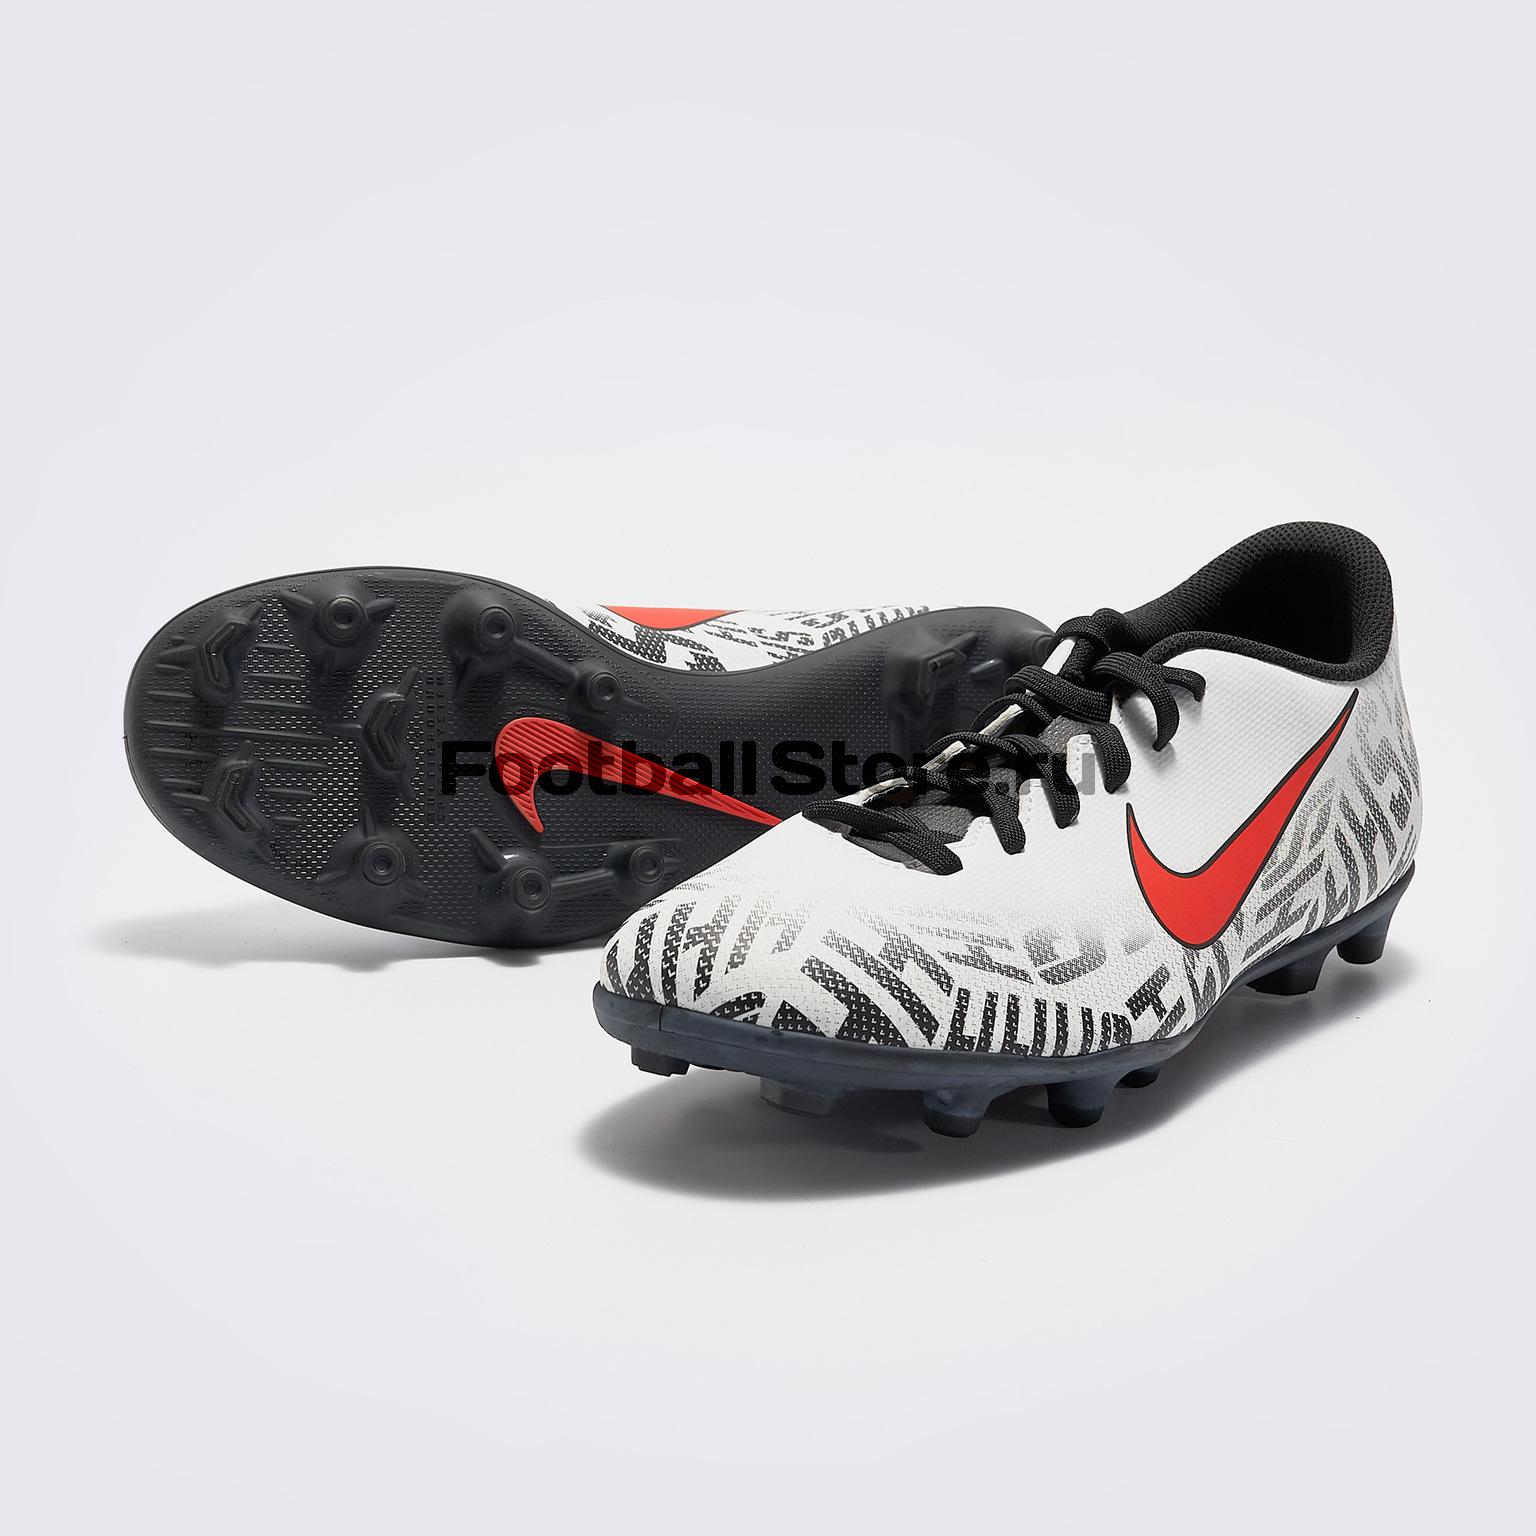 цена на Бутсы Nike Vapor 12 Club Neymar FG/MG AO3129-170